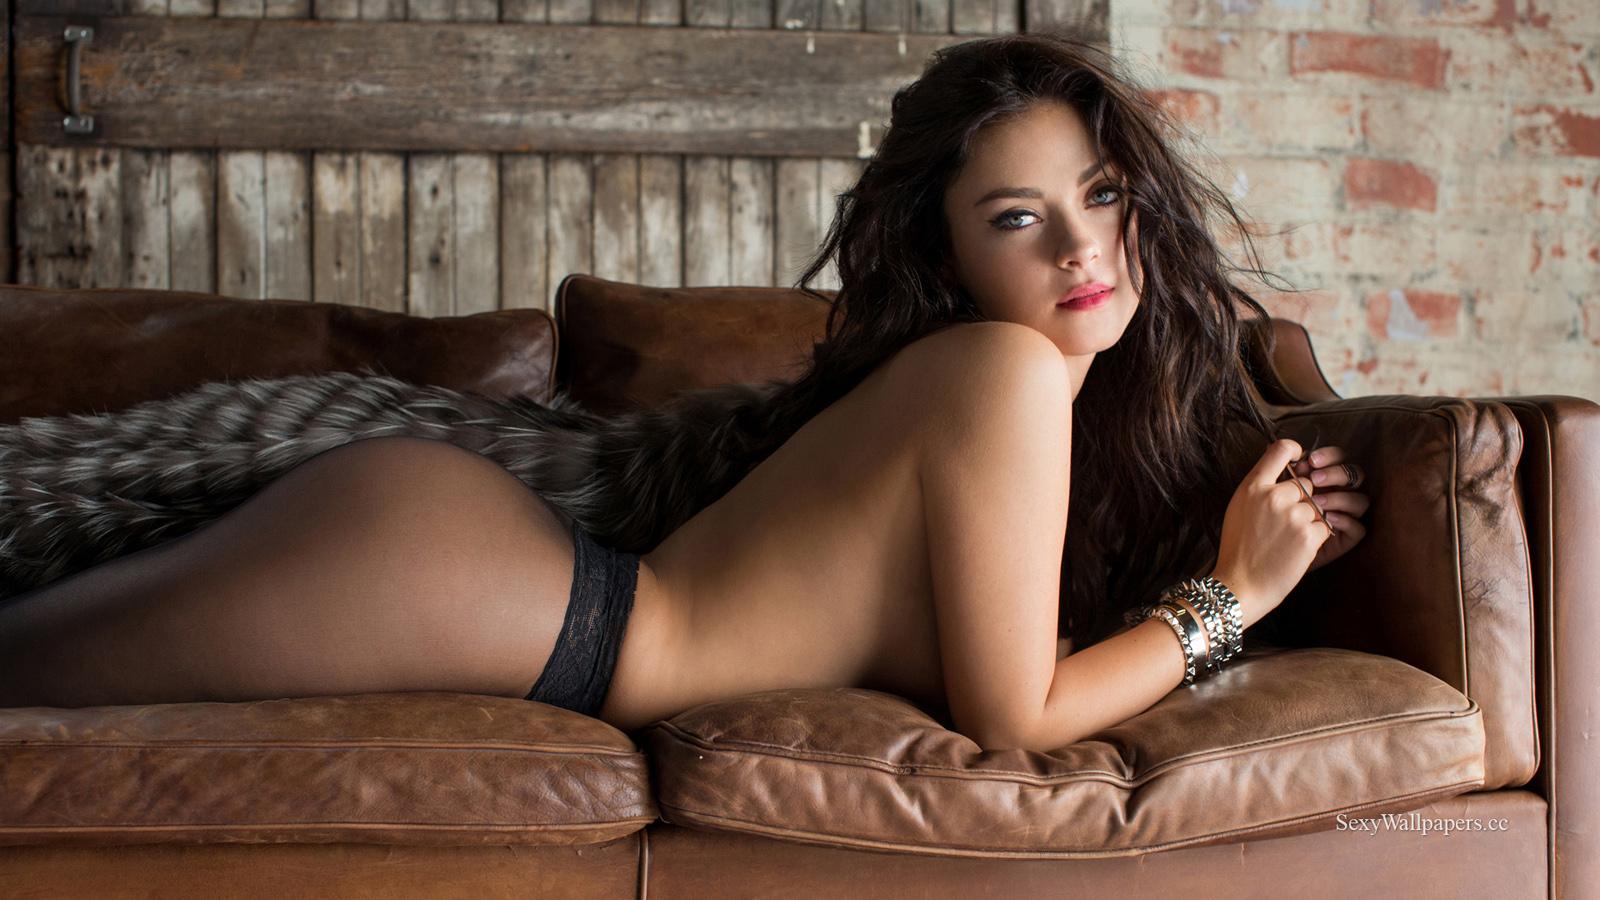 Alexandra Tyler sexy wallpaper 1600x900